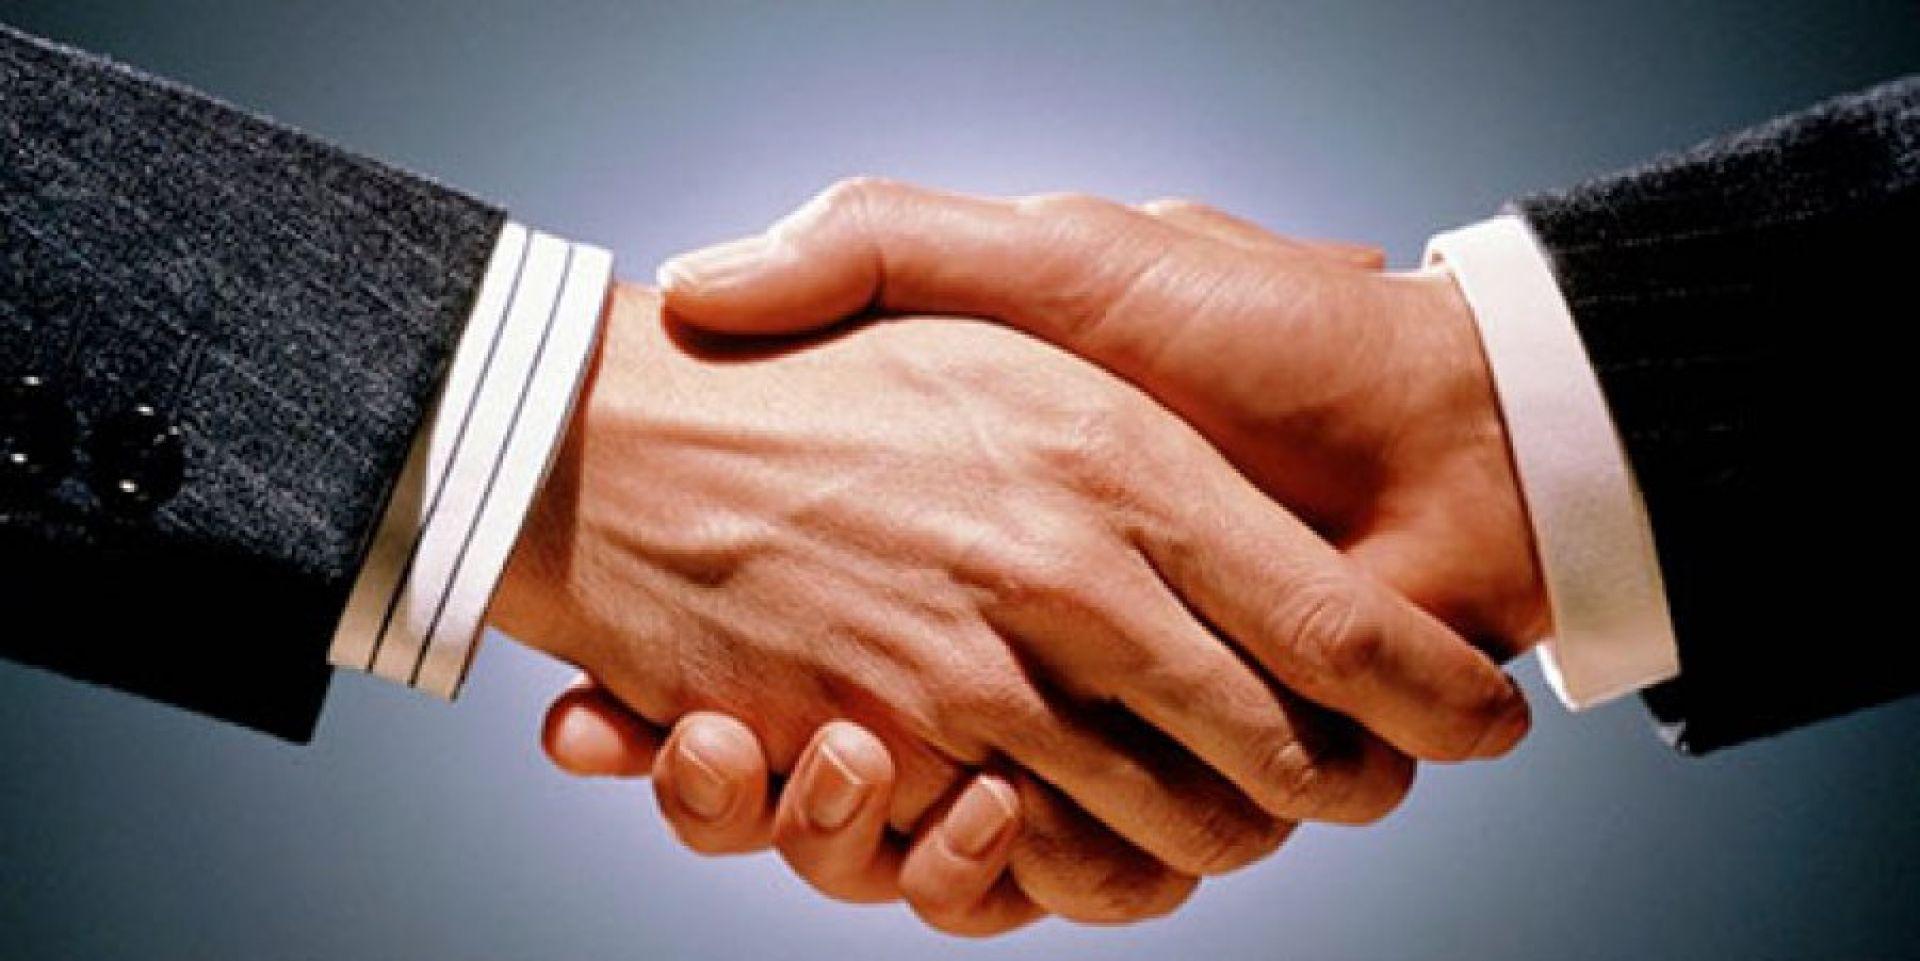 Нагадуємо про порядок повідомної реєстрації колективних договорів